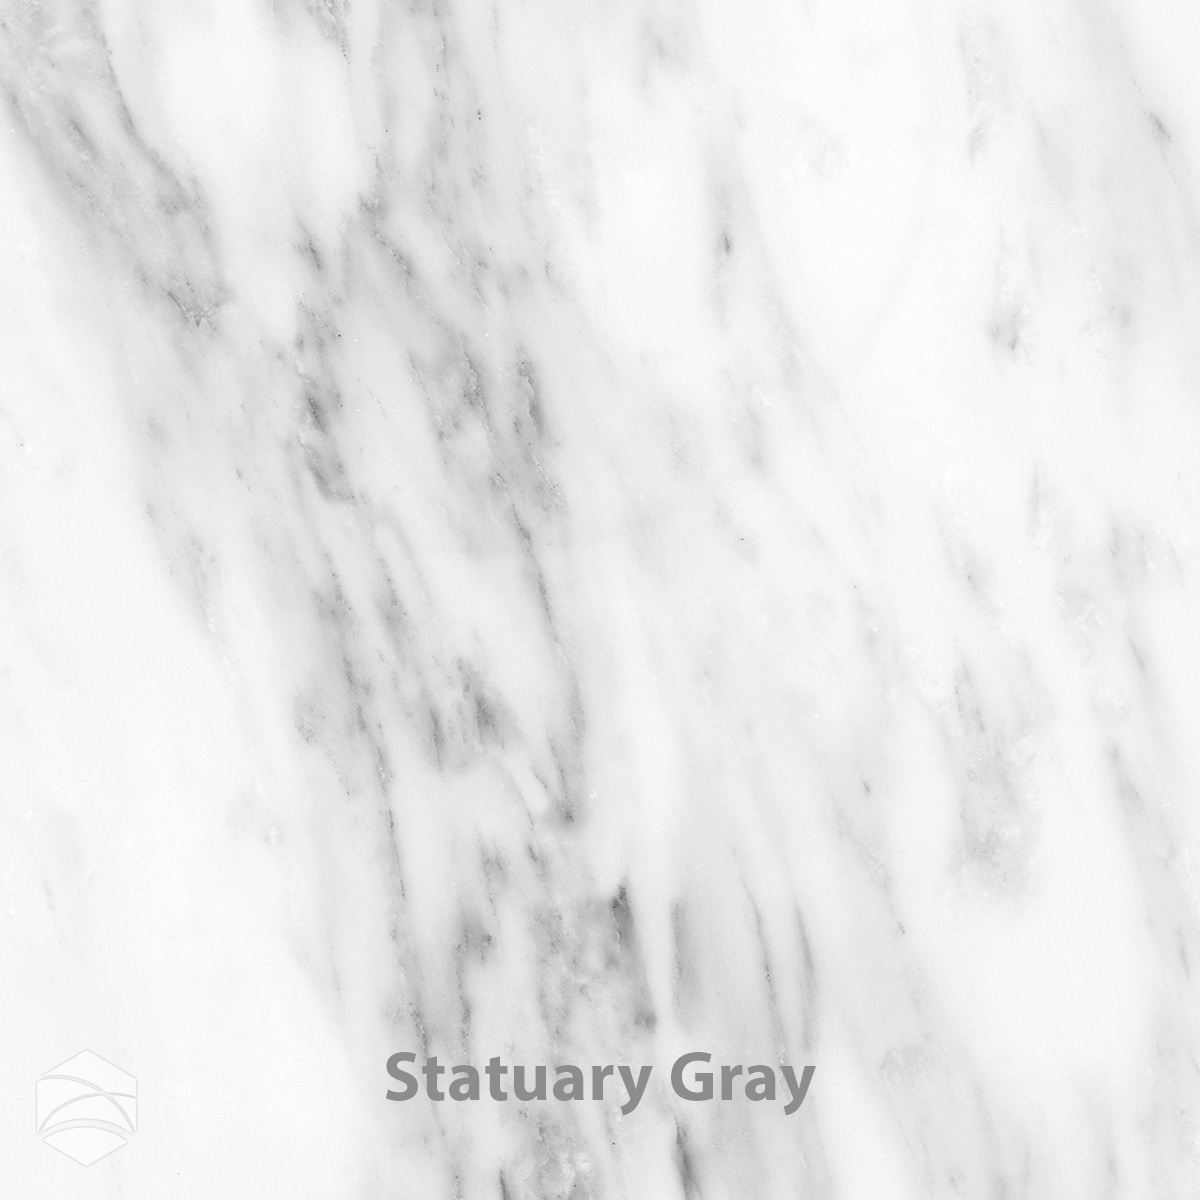 Statuary Gray_V2_12x12.jpg